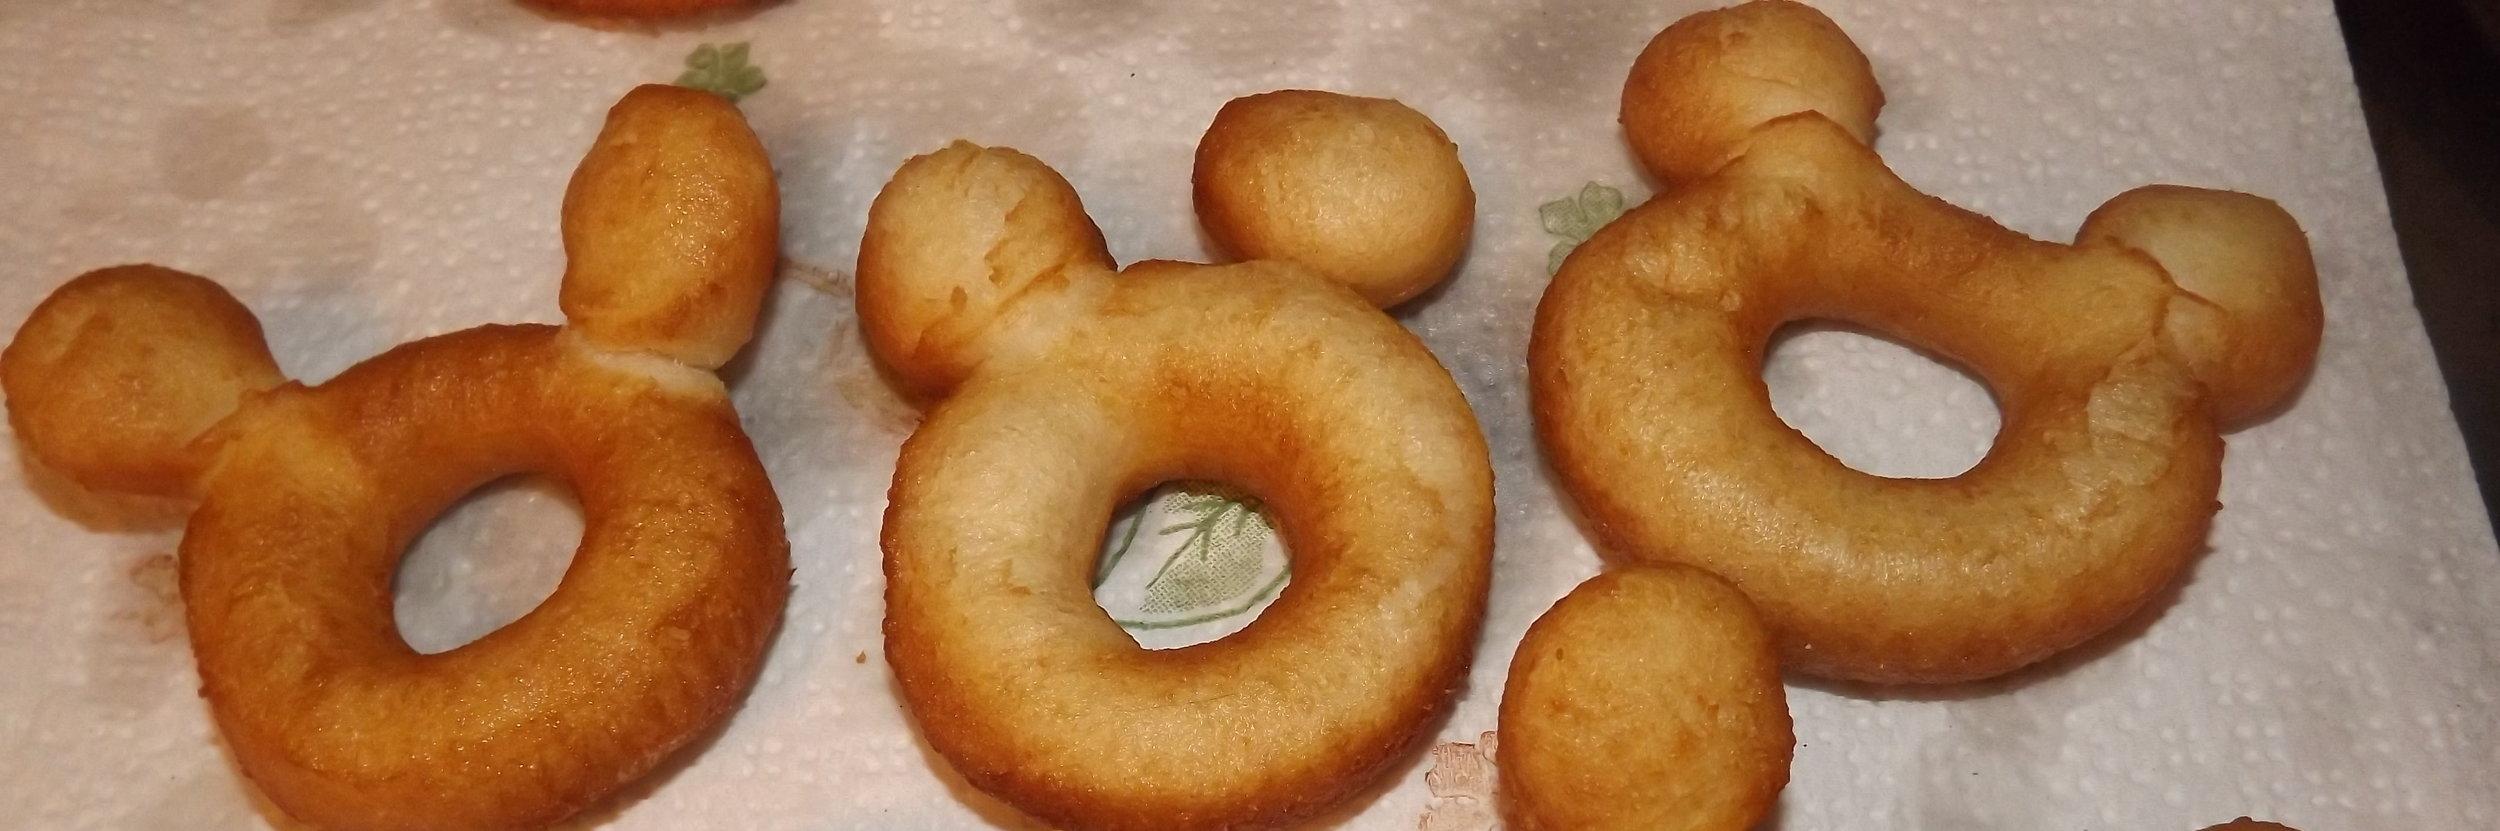 bisnuts.JPG